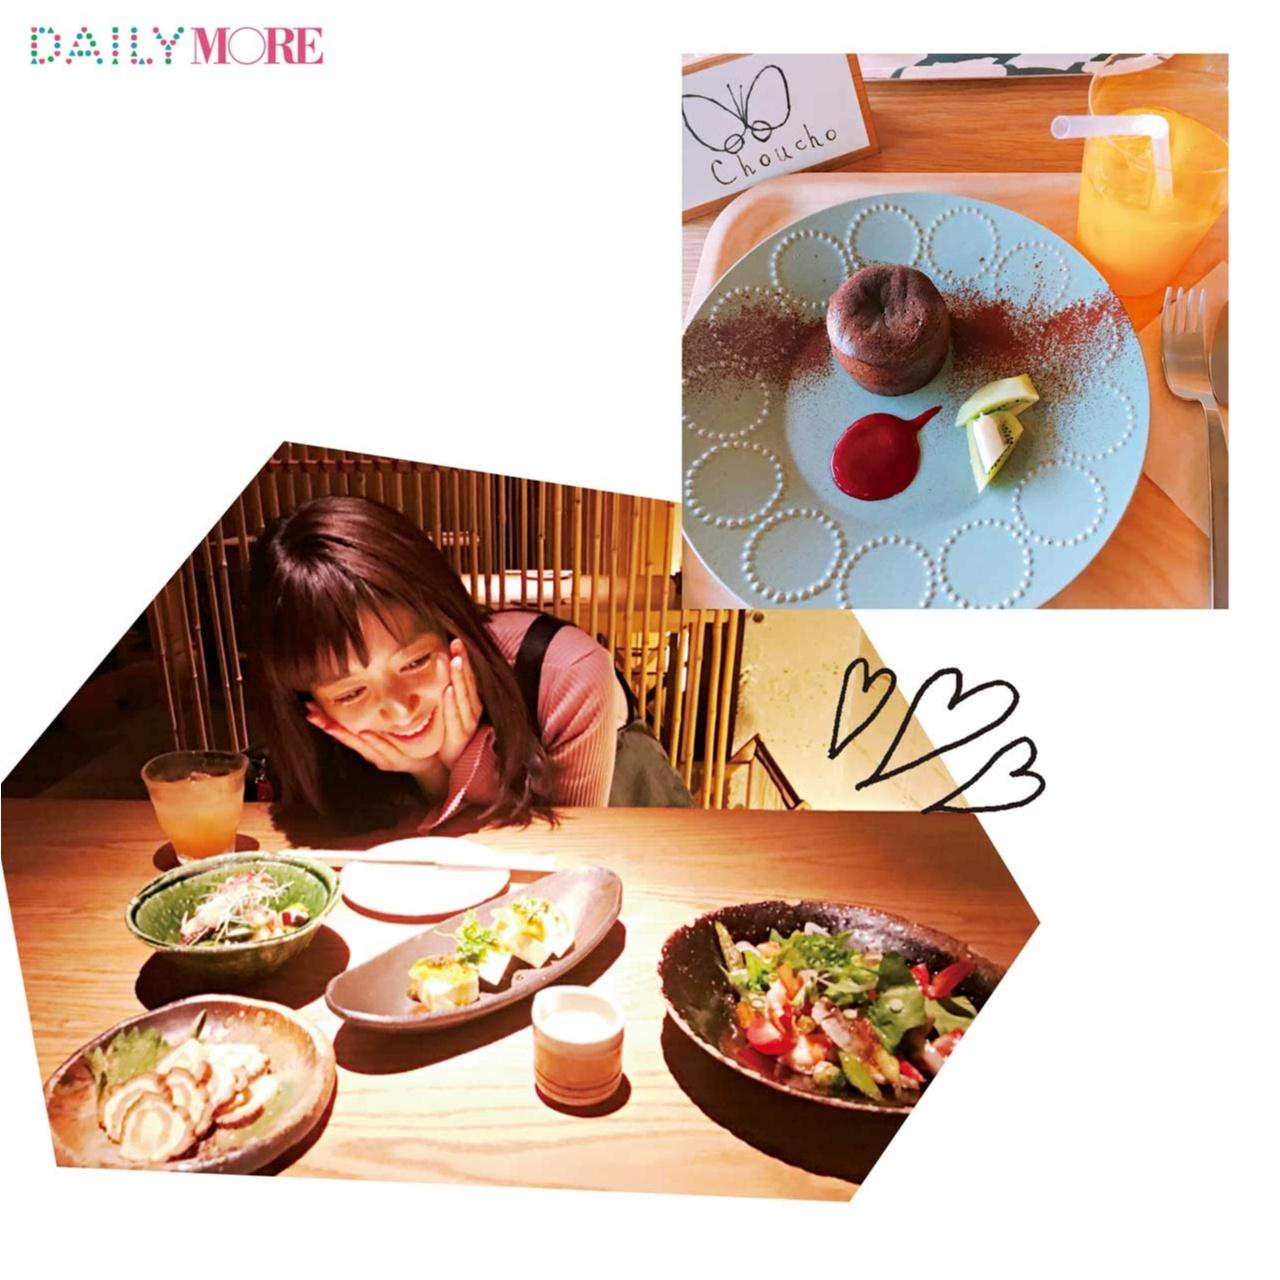 【モアモデルの大好物って?】りなは、和食LOVER! スイーツはもちろん別腹で!!_1